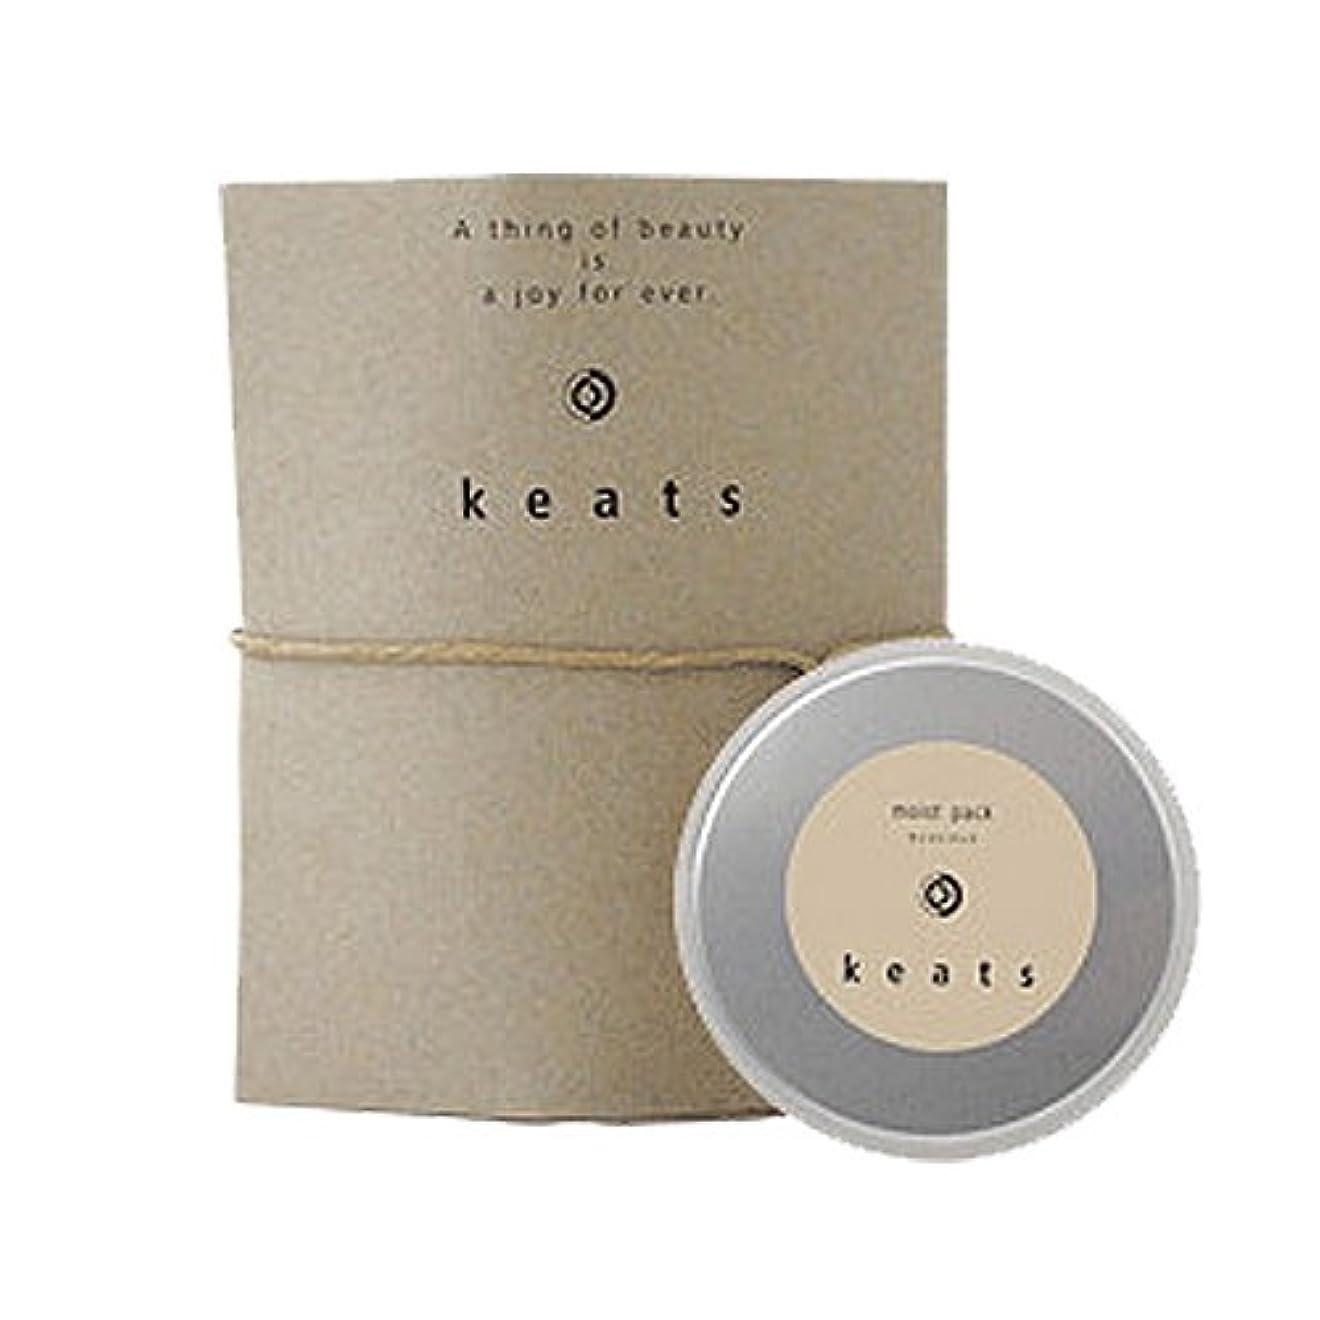 あらゆる種類の体系的に招待キーツ(keats) モイストパック 80g[並行輸入品]